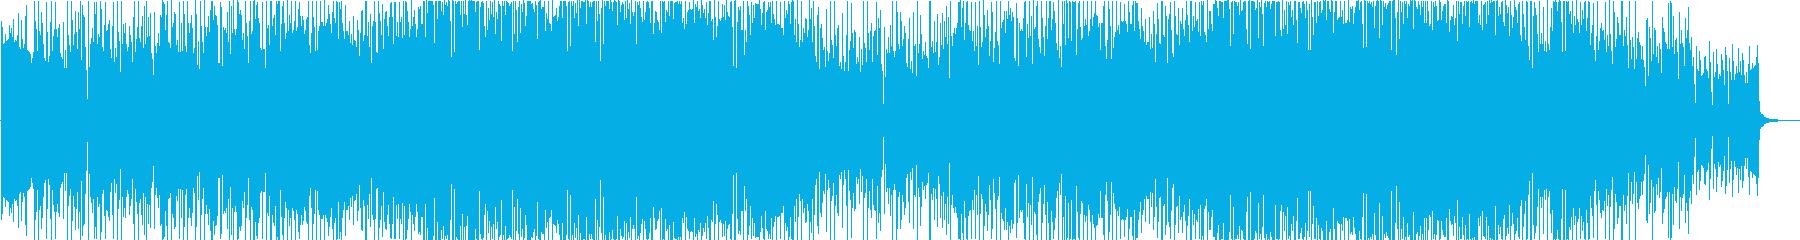 疾走感のあるブラスと爽やかピアノのEDMの再生済みの波形